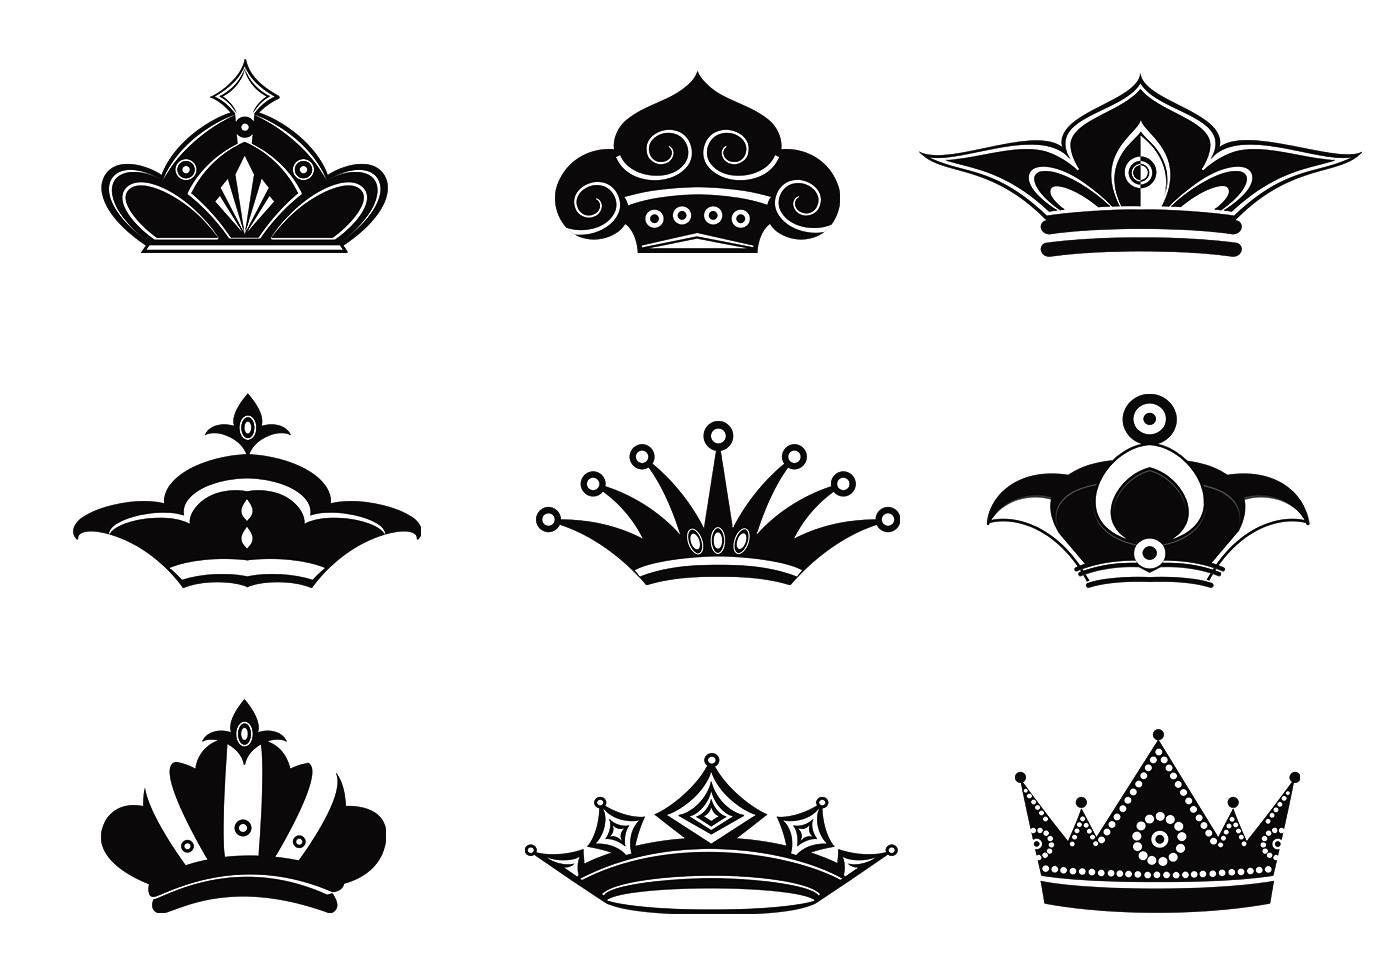 queen crowns vectors - photo #40